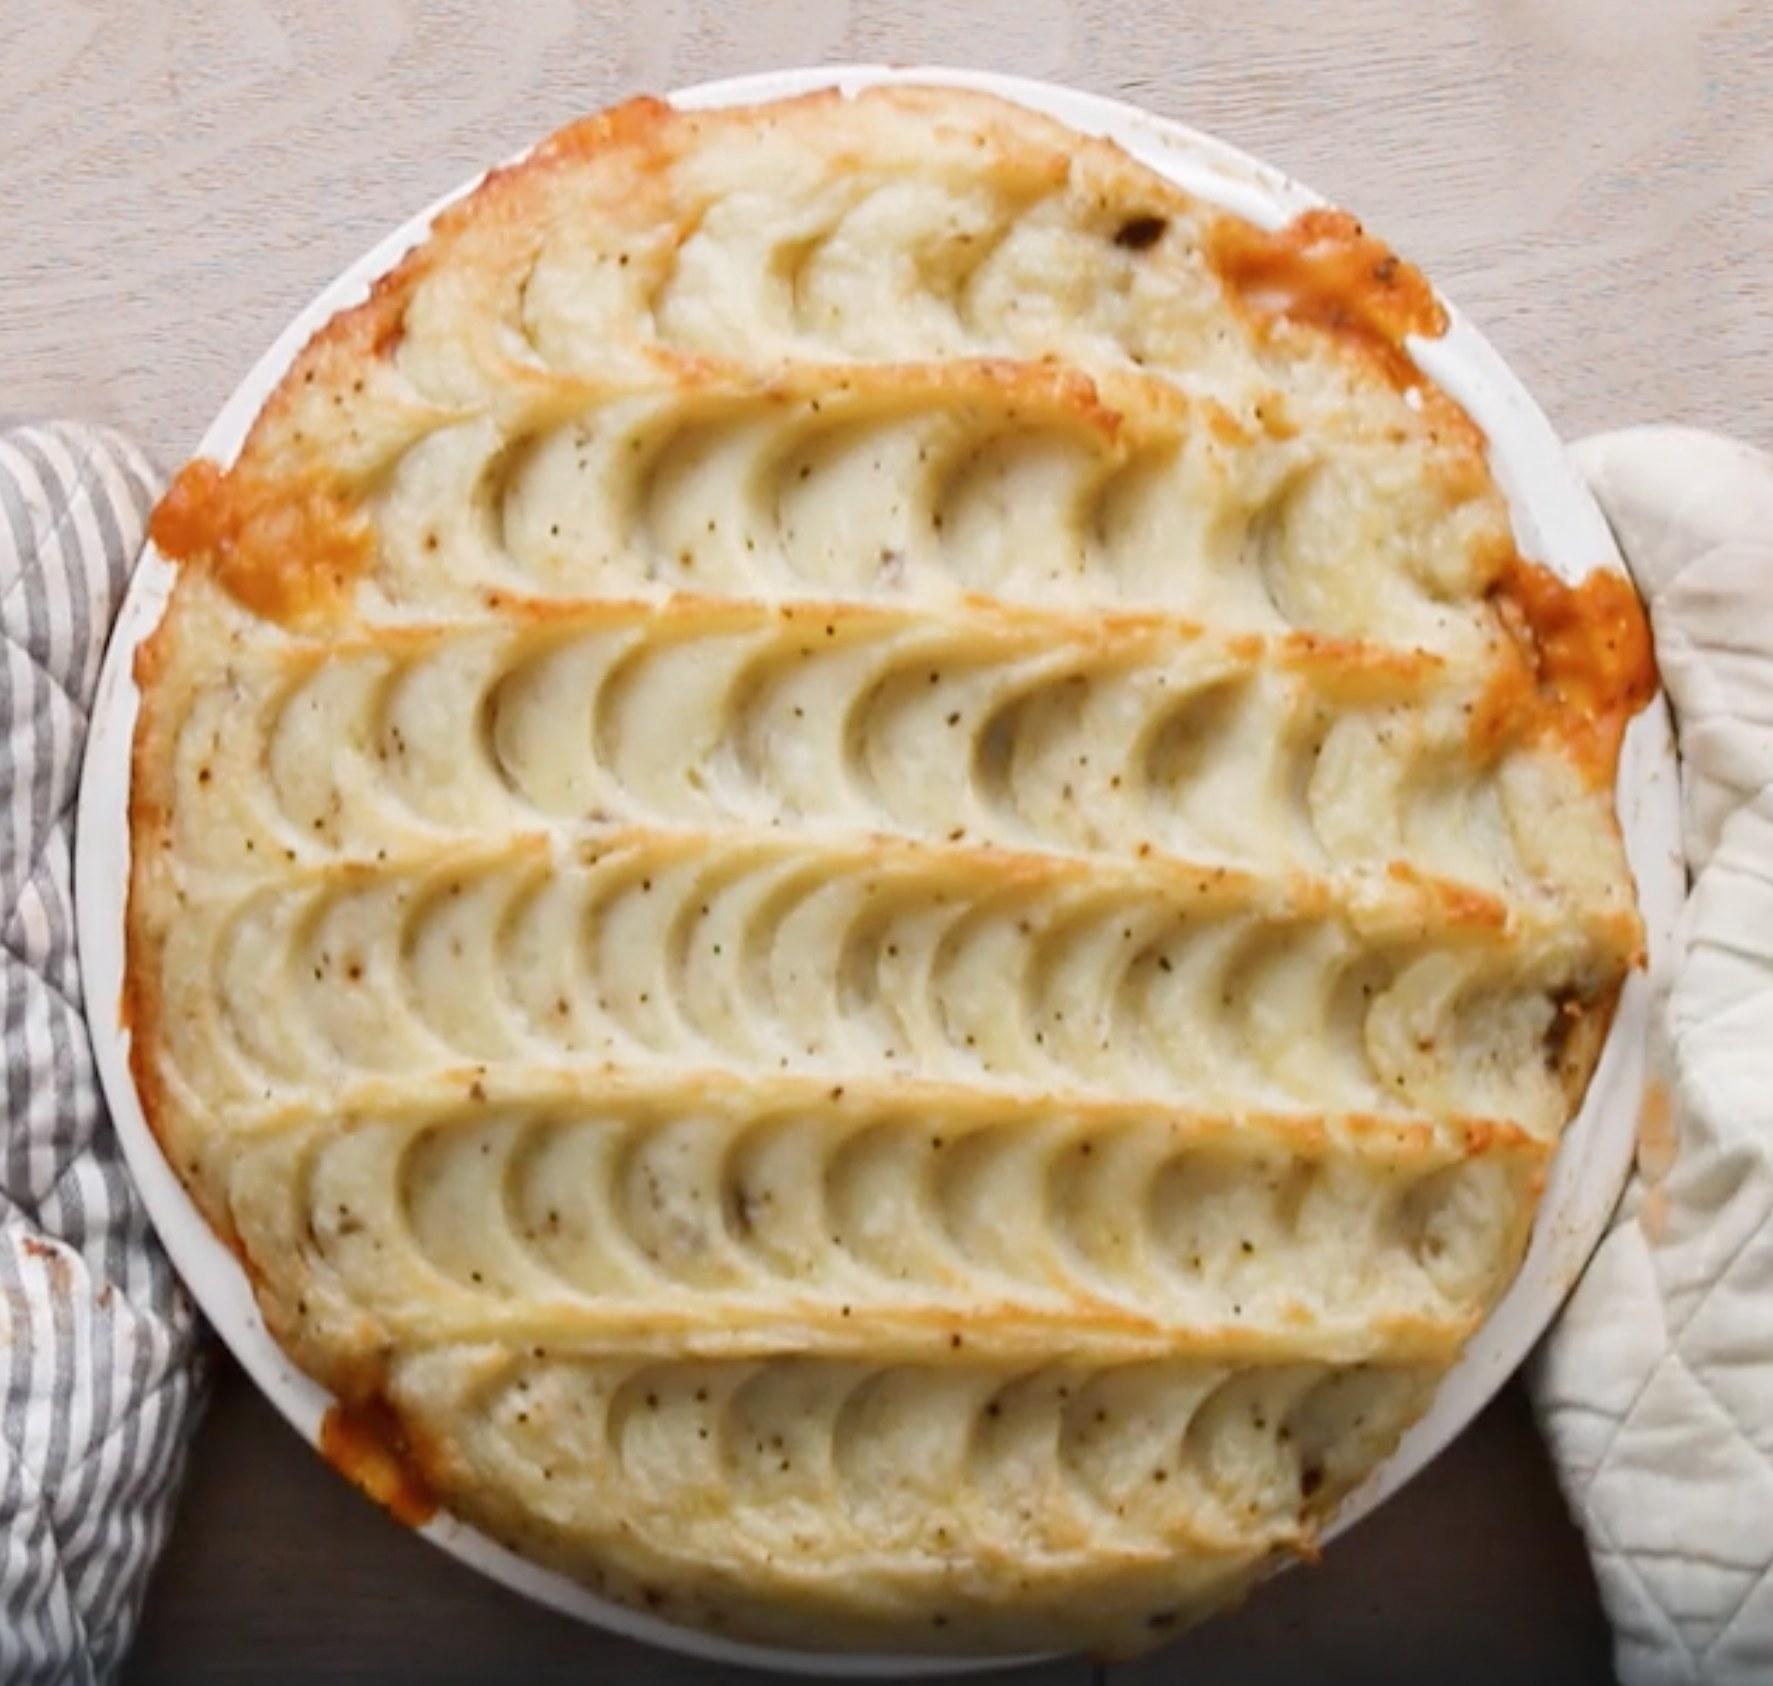 A Shepherd's pie